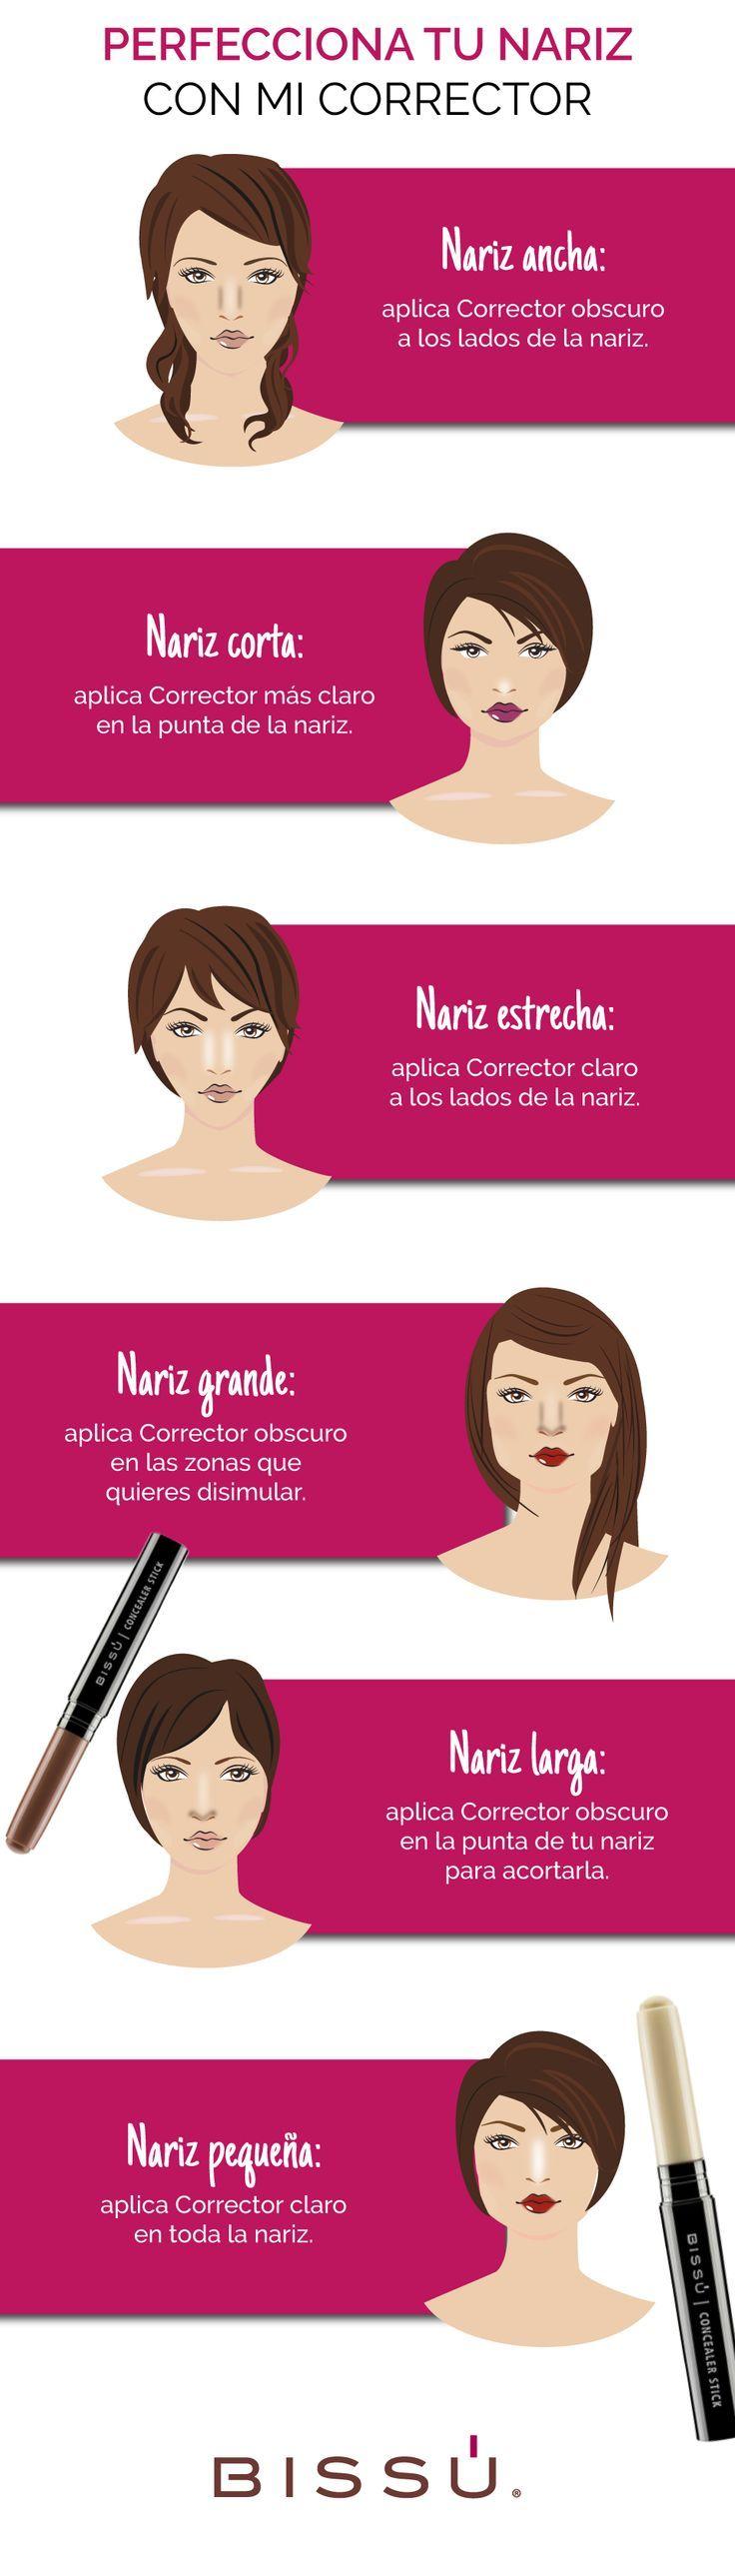 ¿Sabes cómo perfeccionar la forma de tu nariz con un corrector?